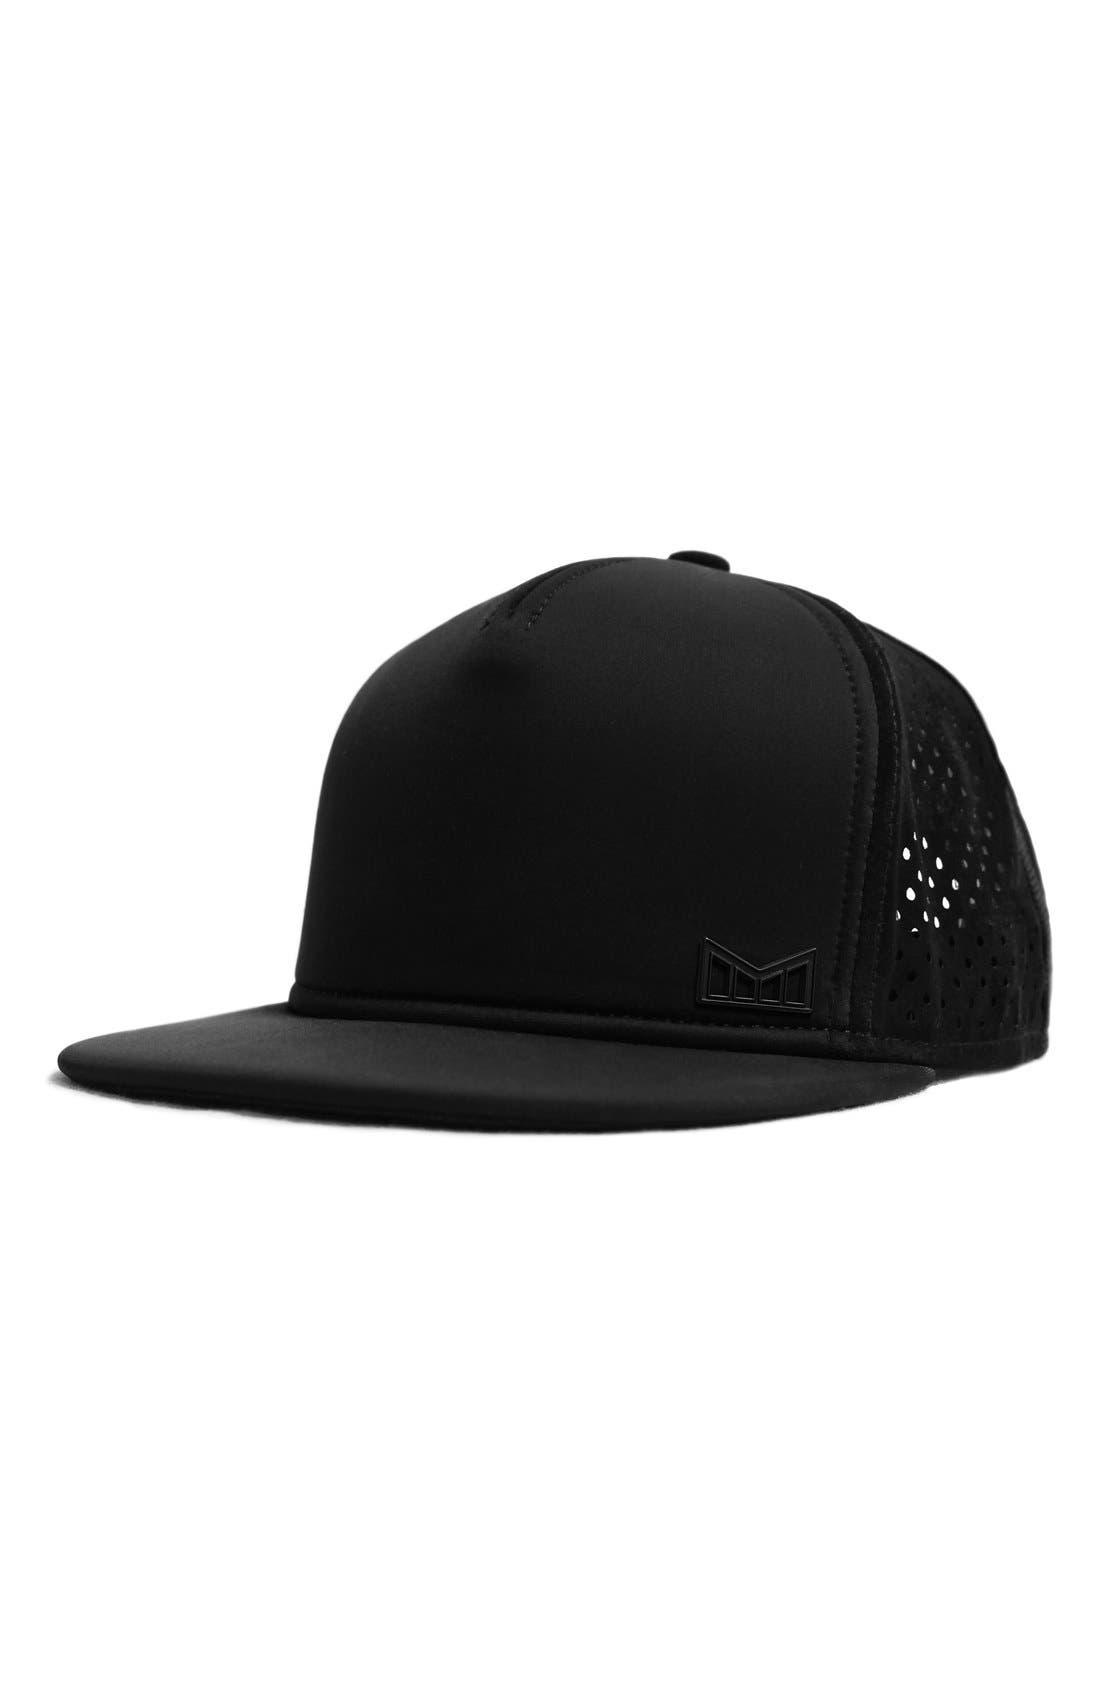 'The Sharpshooter' Snapback Baseball Cap,                         Main,                         color, Black